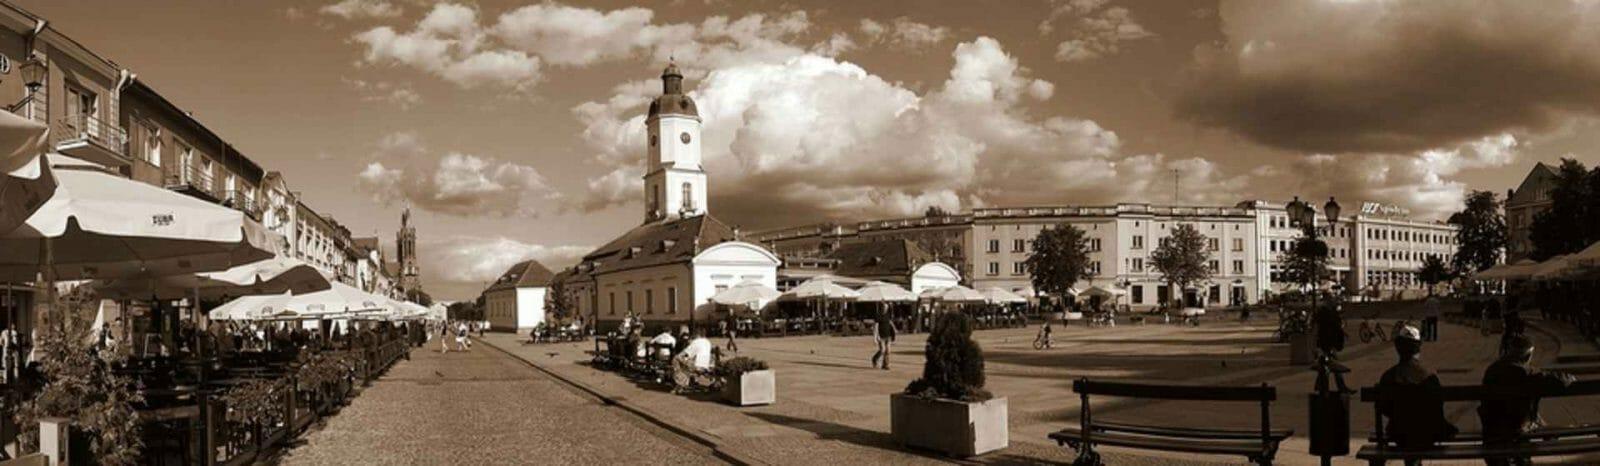 Białystok_Rynek_Kościuszki_panorama1 Odzyskiwanie danych Białystok Dubois 10 | ☎ (85) 688-17-48